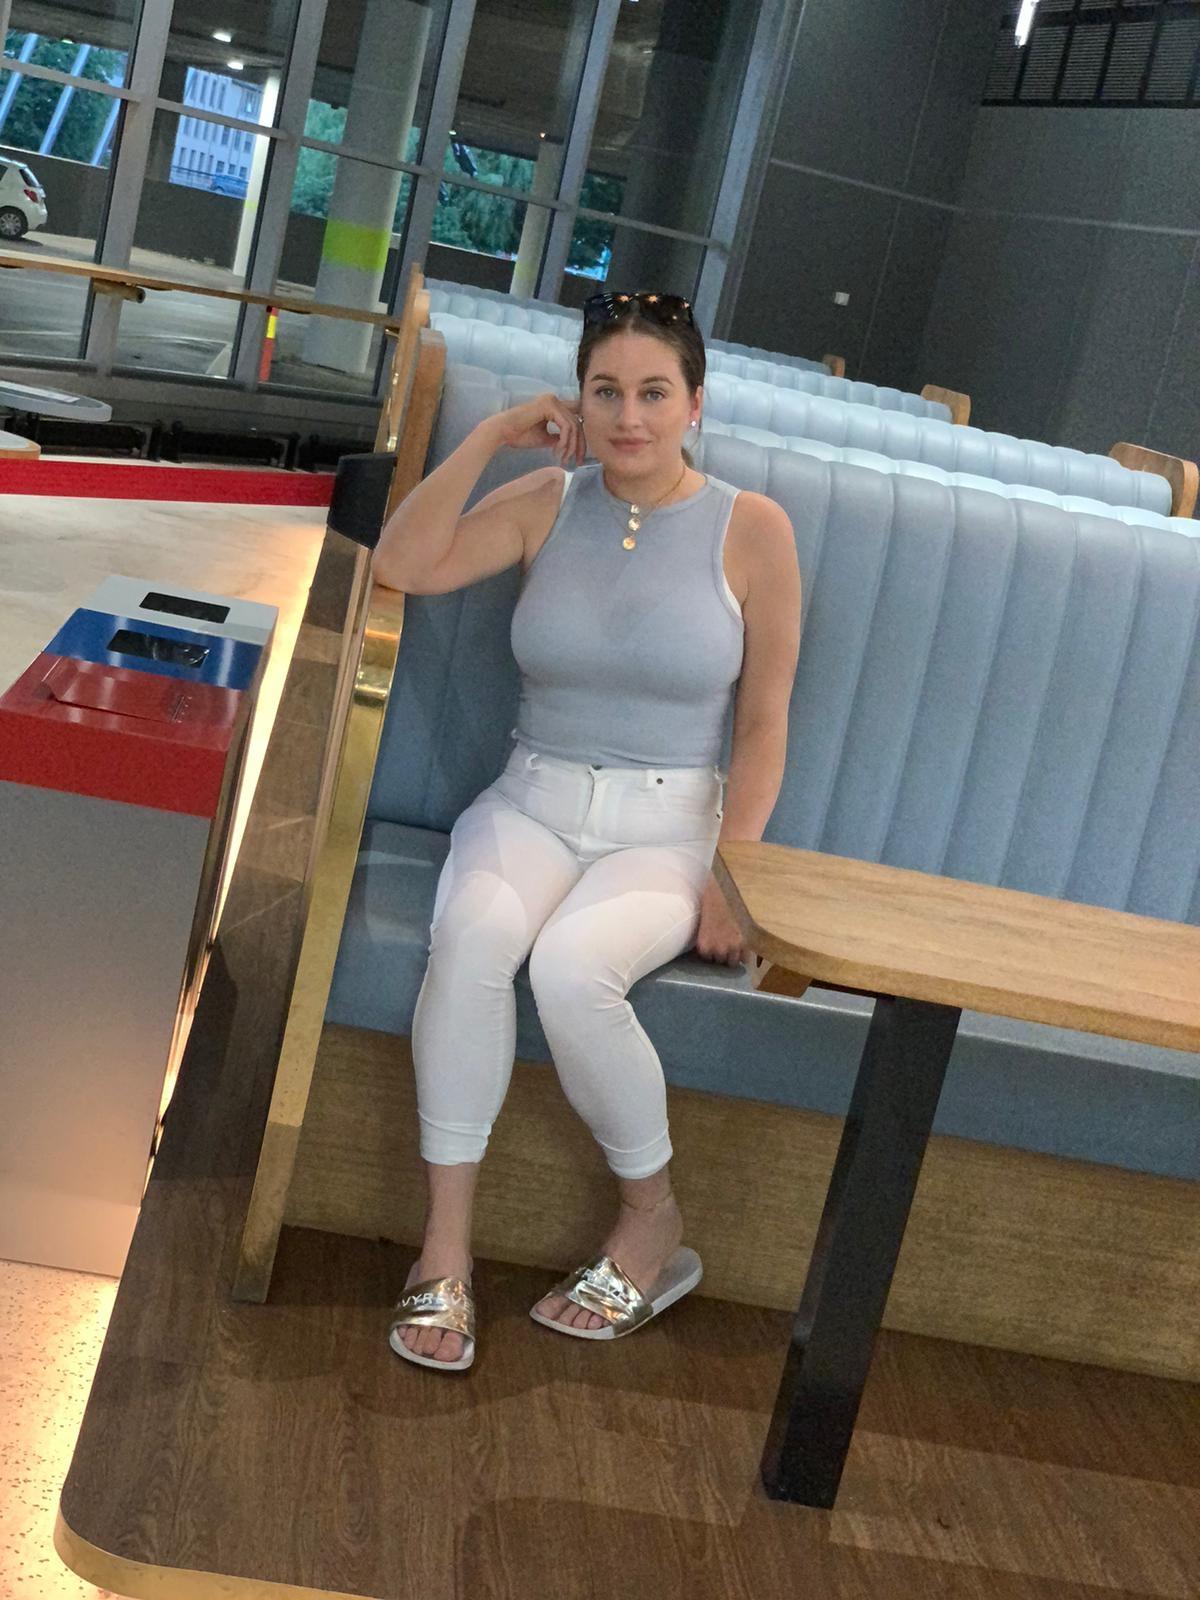 drøbak-handelshuset-selfie-outfit-style-fashion-stil-mote-trend-sminke-look-sminkelook-sommer-bursdag-mat-middag-tur-natur-lasagne-fridays-oslo-gaver-rituals-shopping-trening